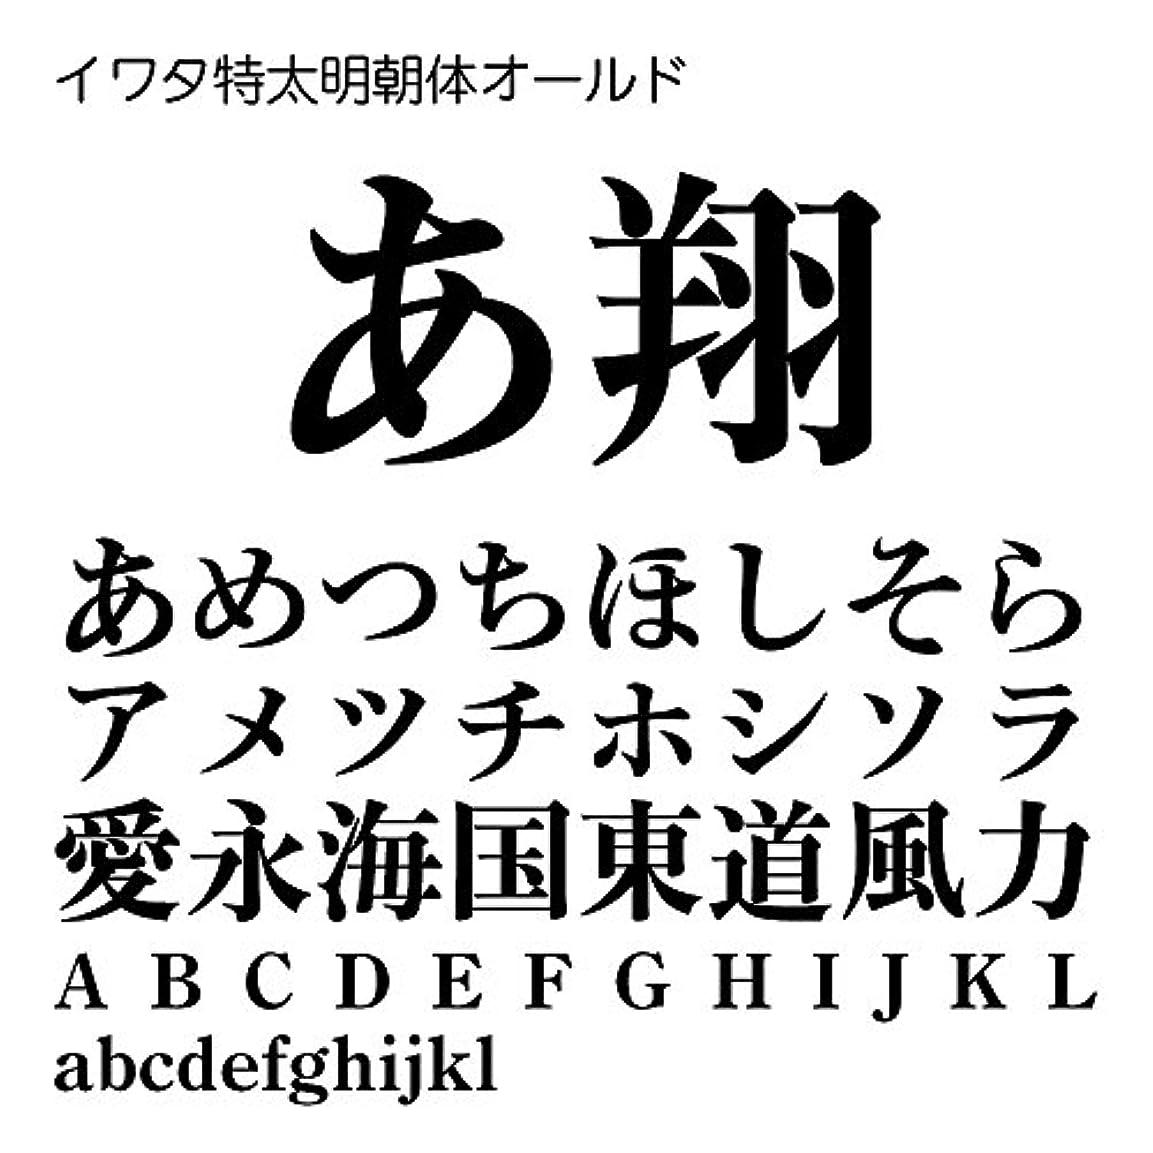 イワタ特太明朝体オールドPro OpenType Font for Windows [ダウンロード]